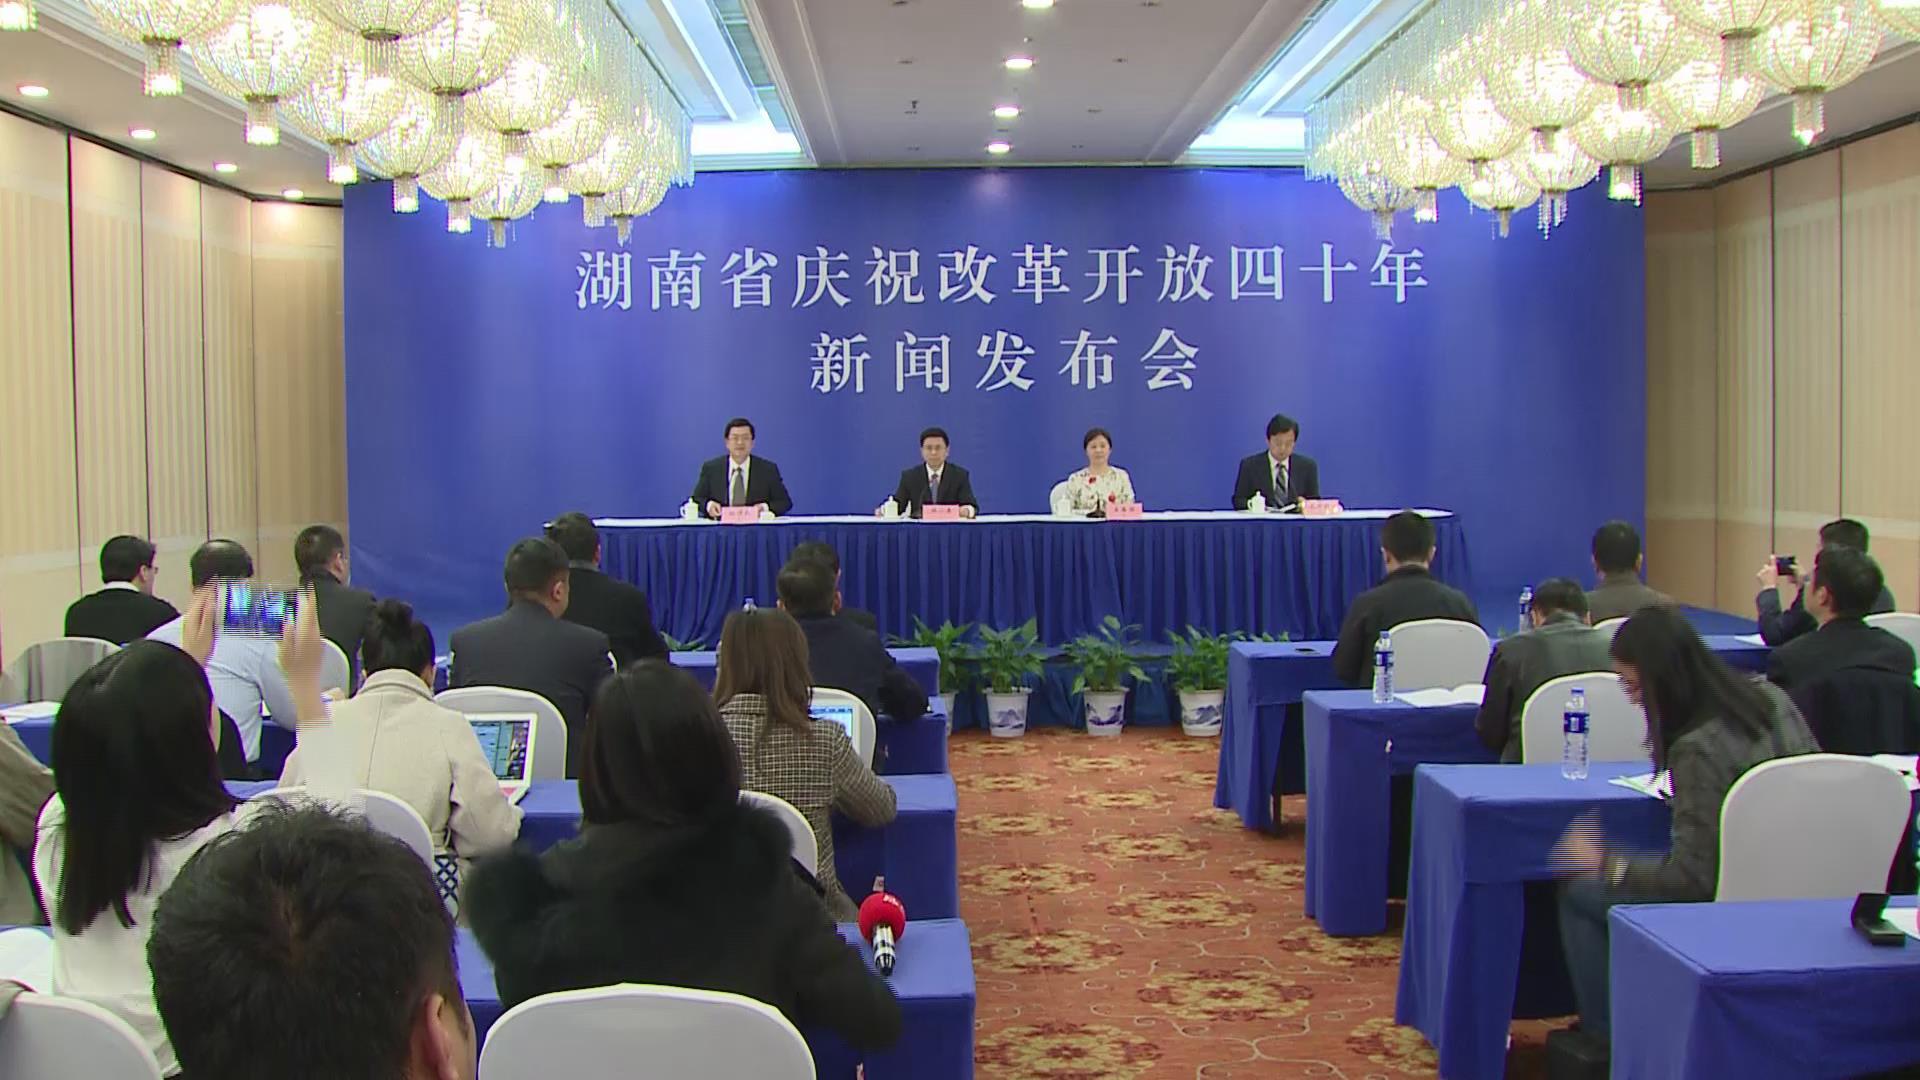 【全程回放】湖南省庆祝改革开放四十年系列新闻发布会:改革开放40年来全省卫生健康事业改革发展成就